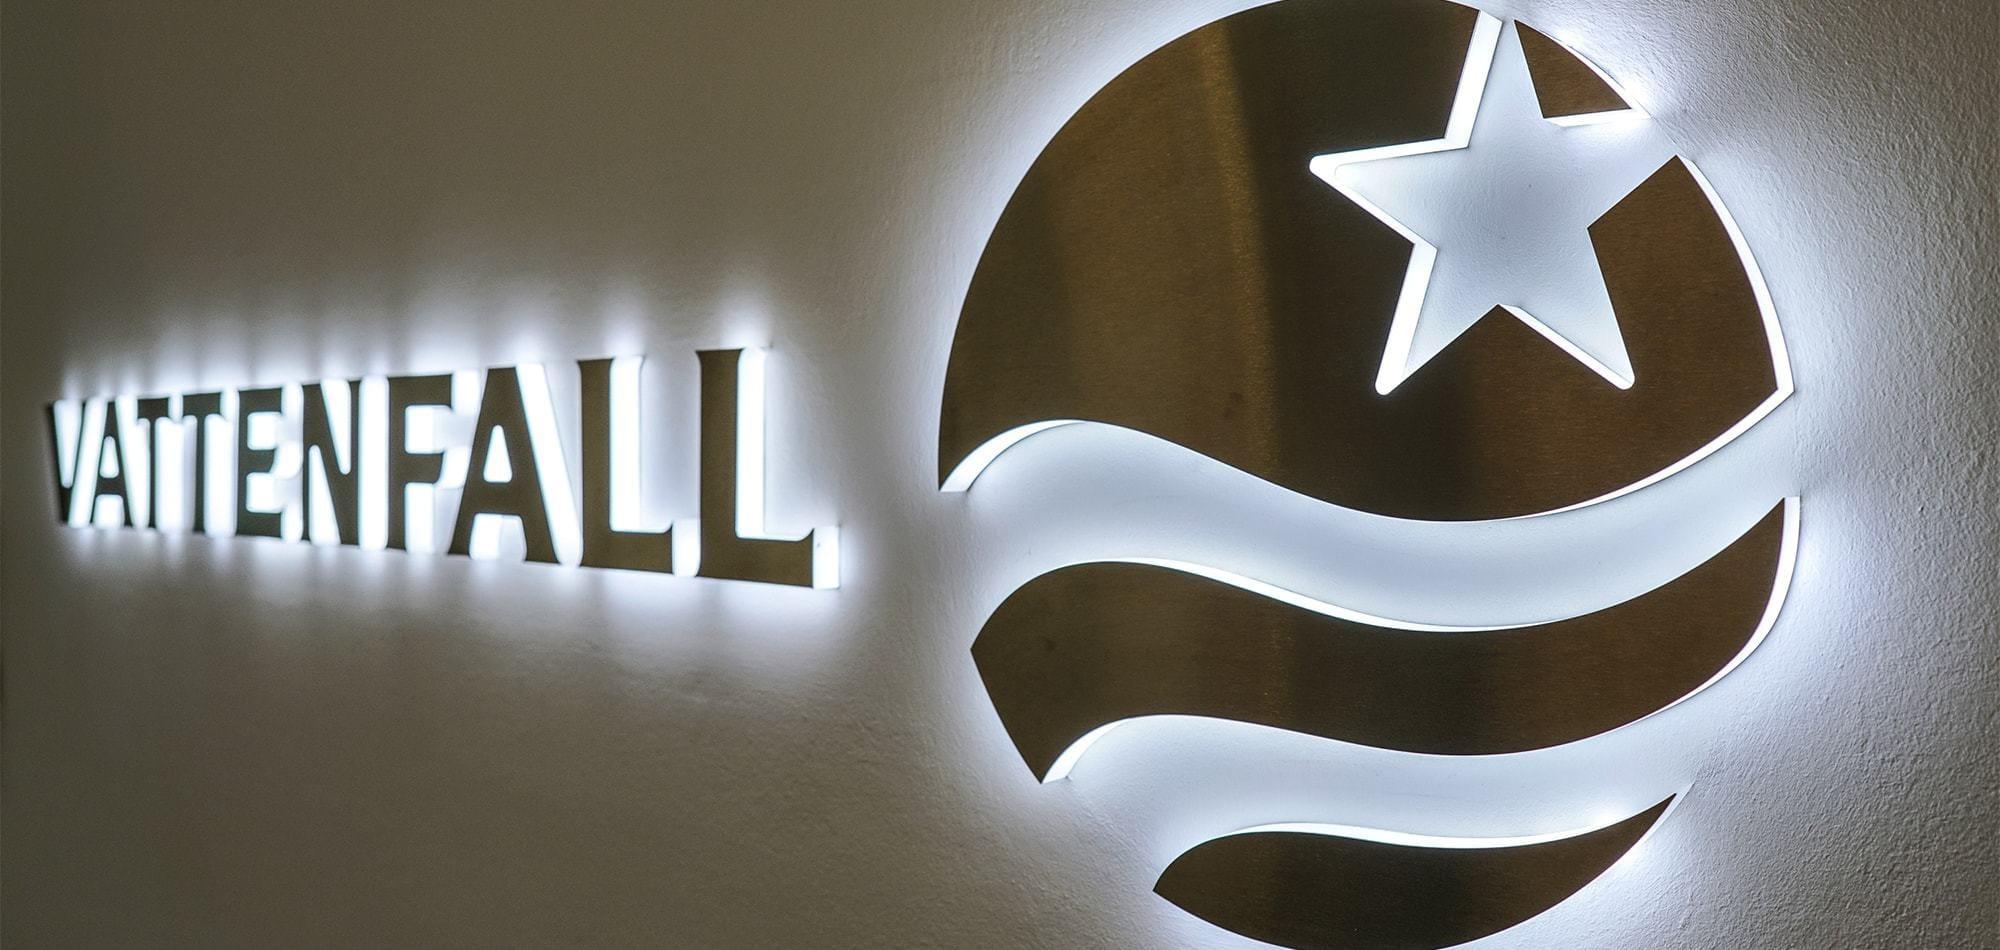 Das Foto zeigt LED Einzelbuchstaben für das Unternehmen Vattenfall. Vollplexi LED Buchstaben mit Edelstahl beklebt